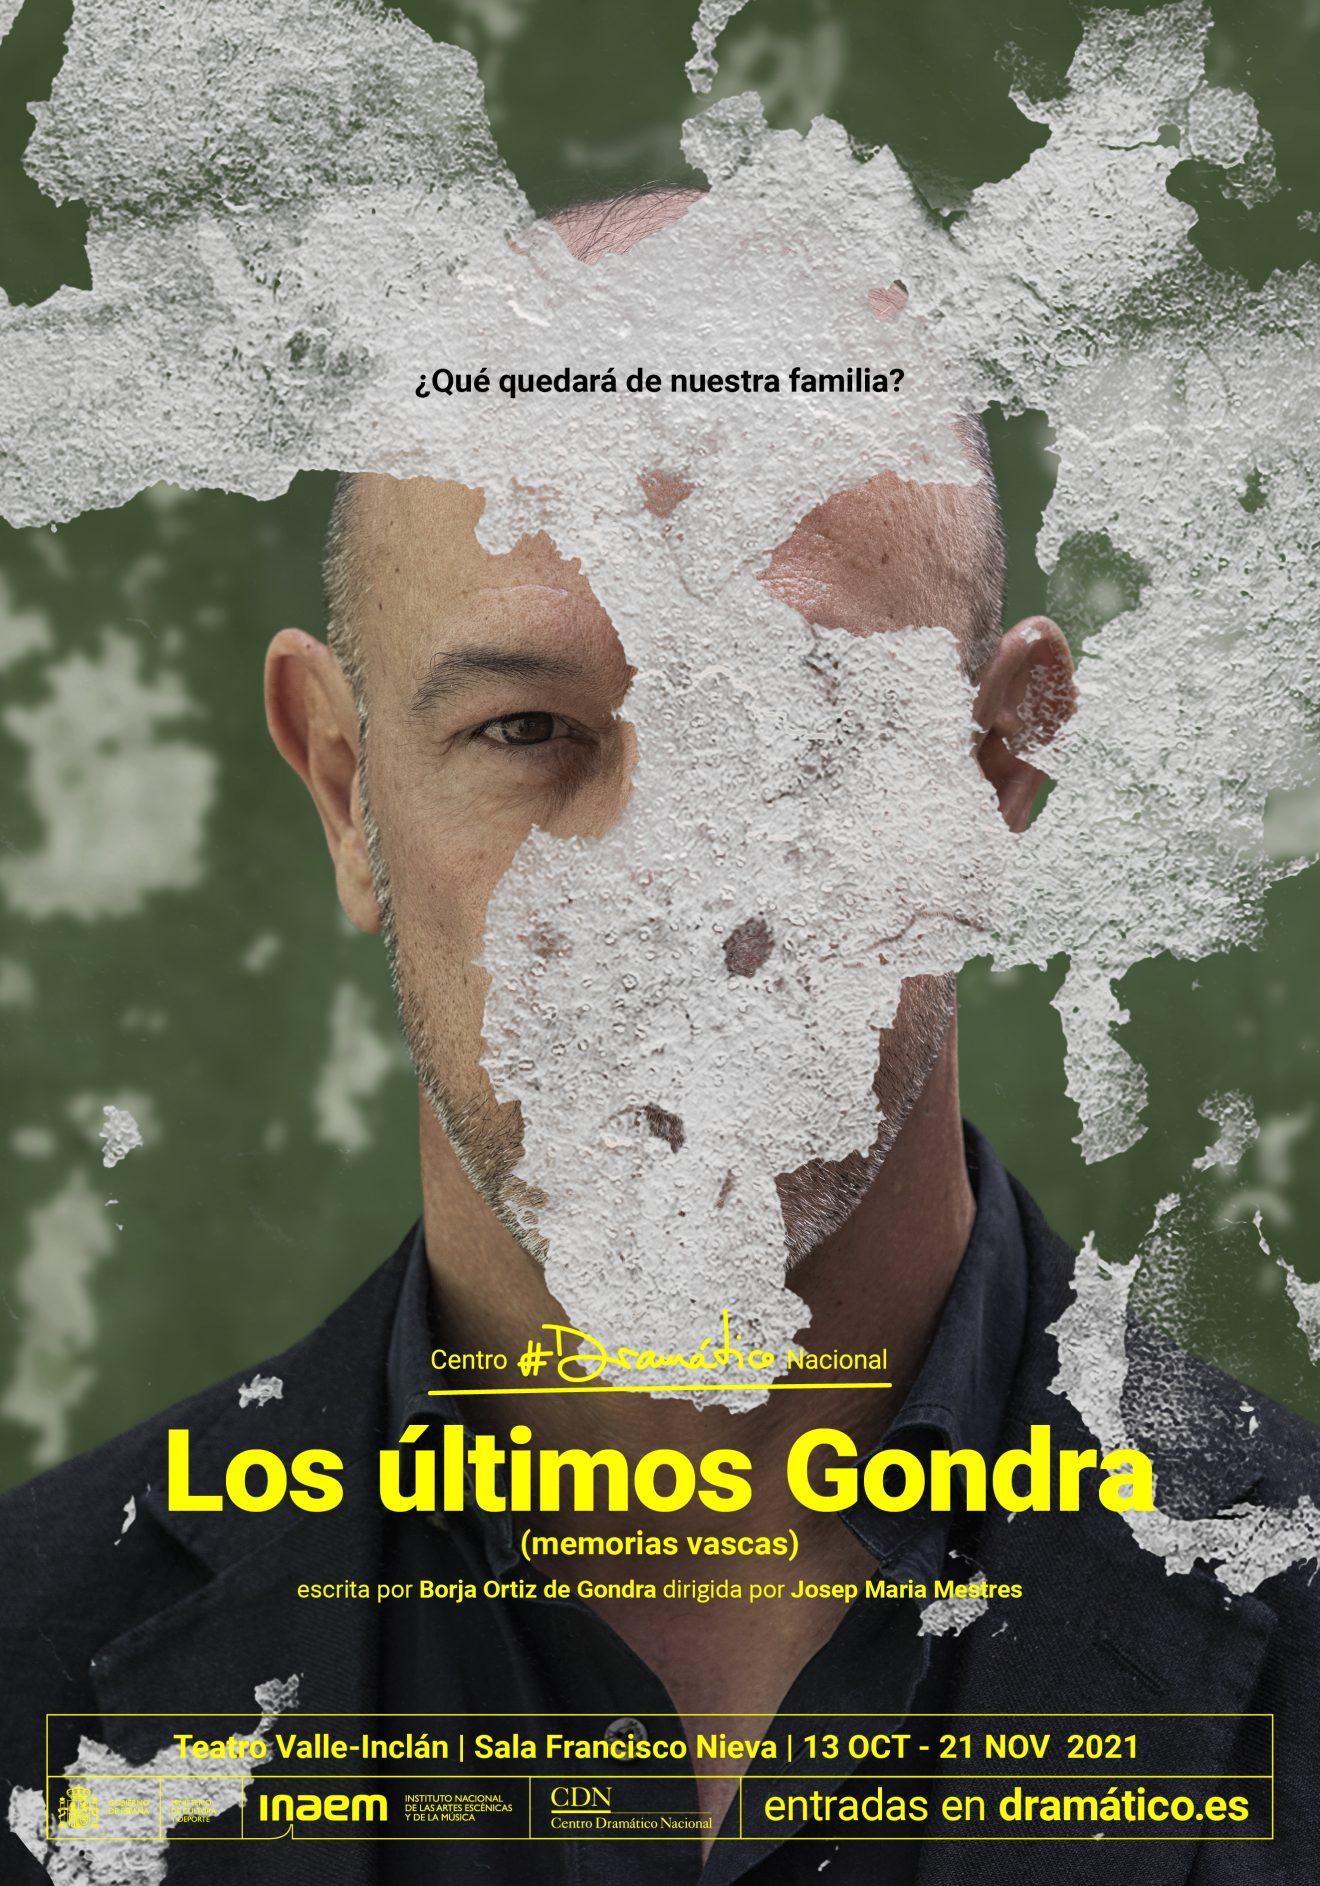 LOS ÚLTIMOS GONDRA (memorias vacas) en el Teatro Valle Inclán